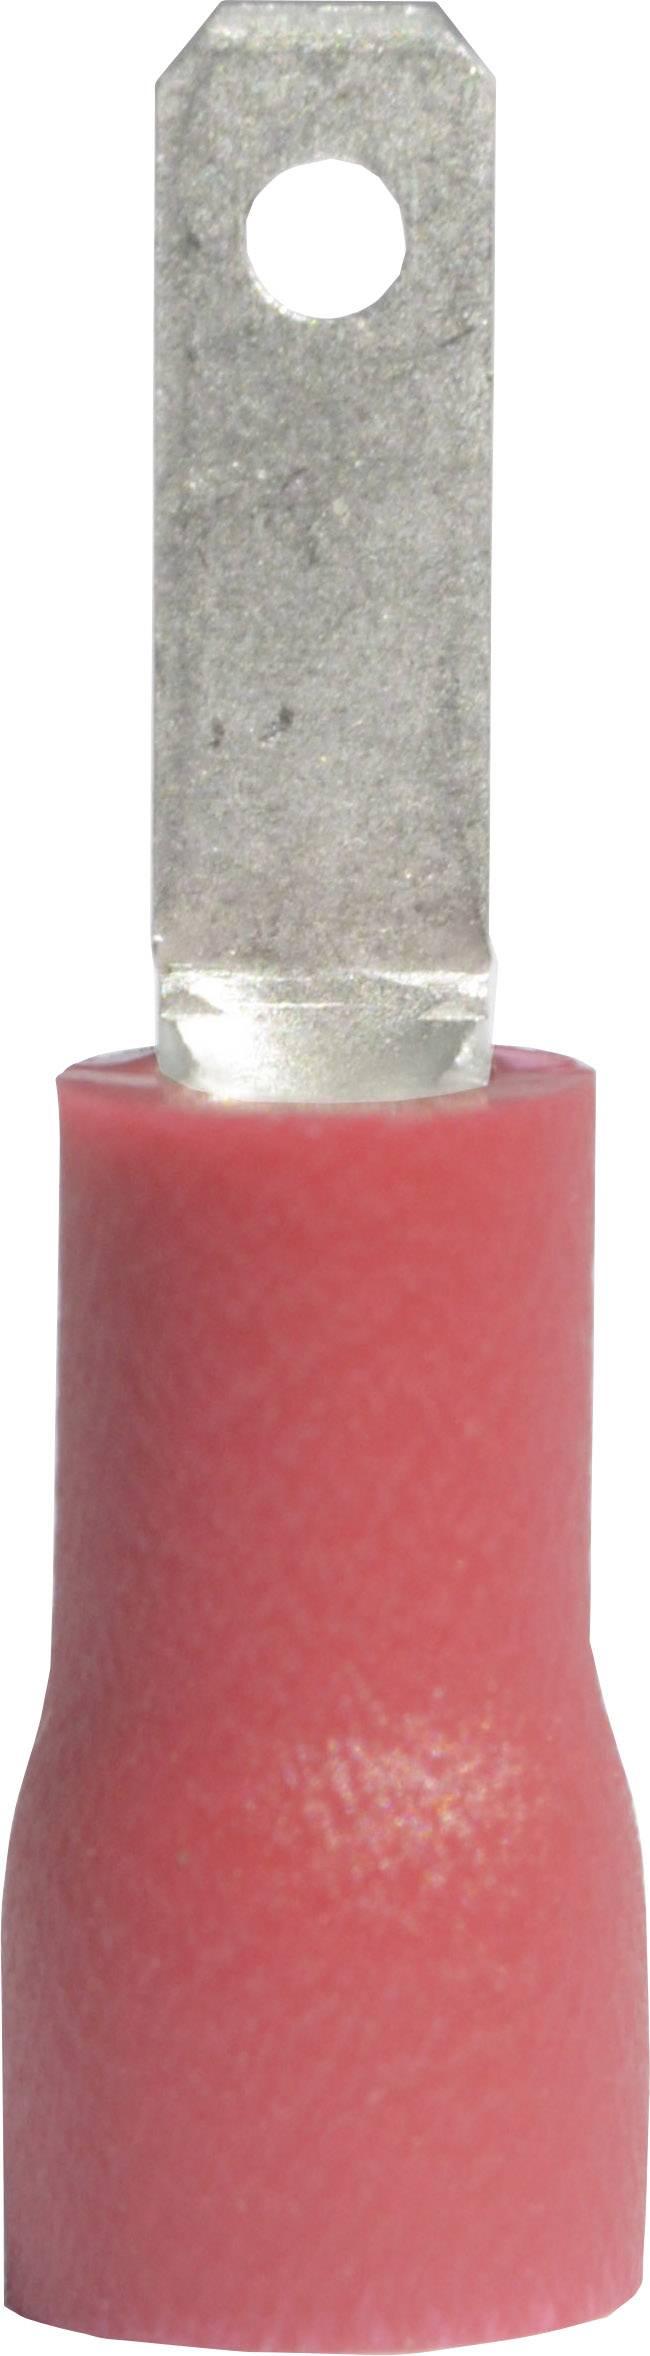 Faston konektor zástrčka Vogt Verbindungstechnik 391305 2.8 mm x 0.5 mm, 180 °, čiastočne izolované, červená, 1 ks